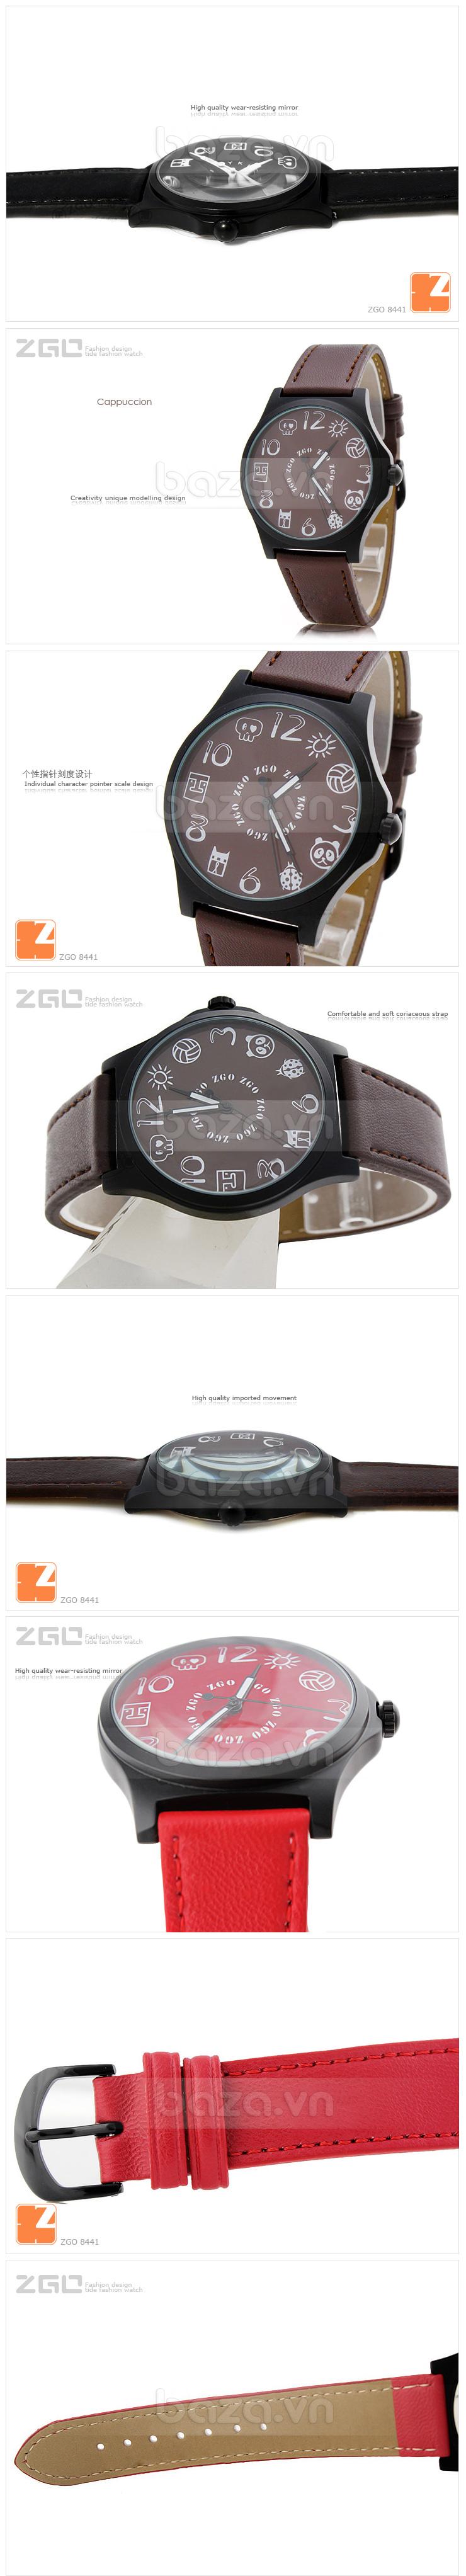 Đồng hồ thời trang KIMIO biểu tượng ngộ nghĩnh màu đen sang trọng